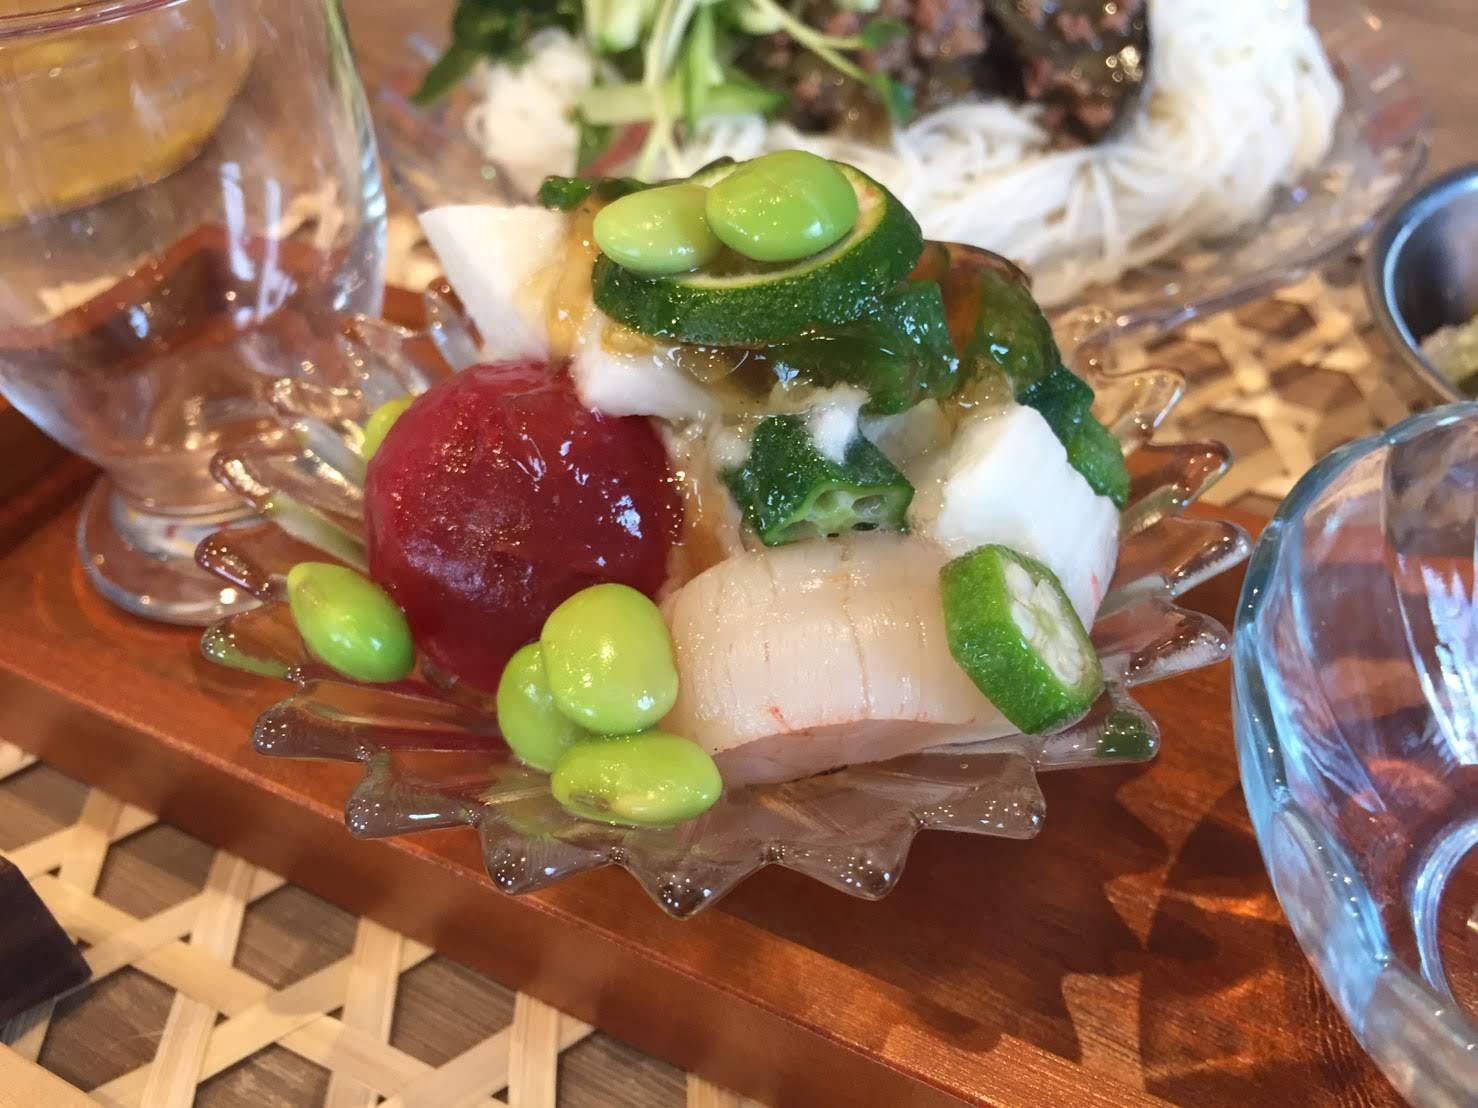 荒川雅子さんセミナー料理写真のサムネイル